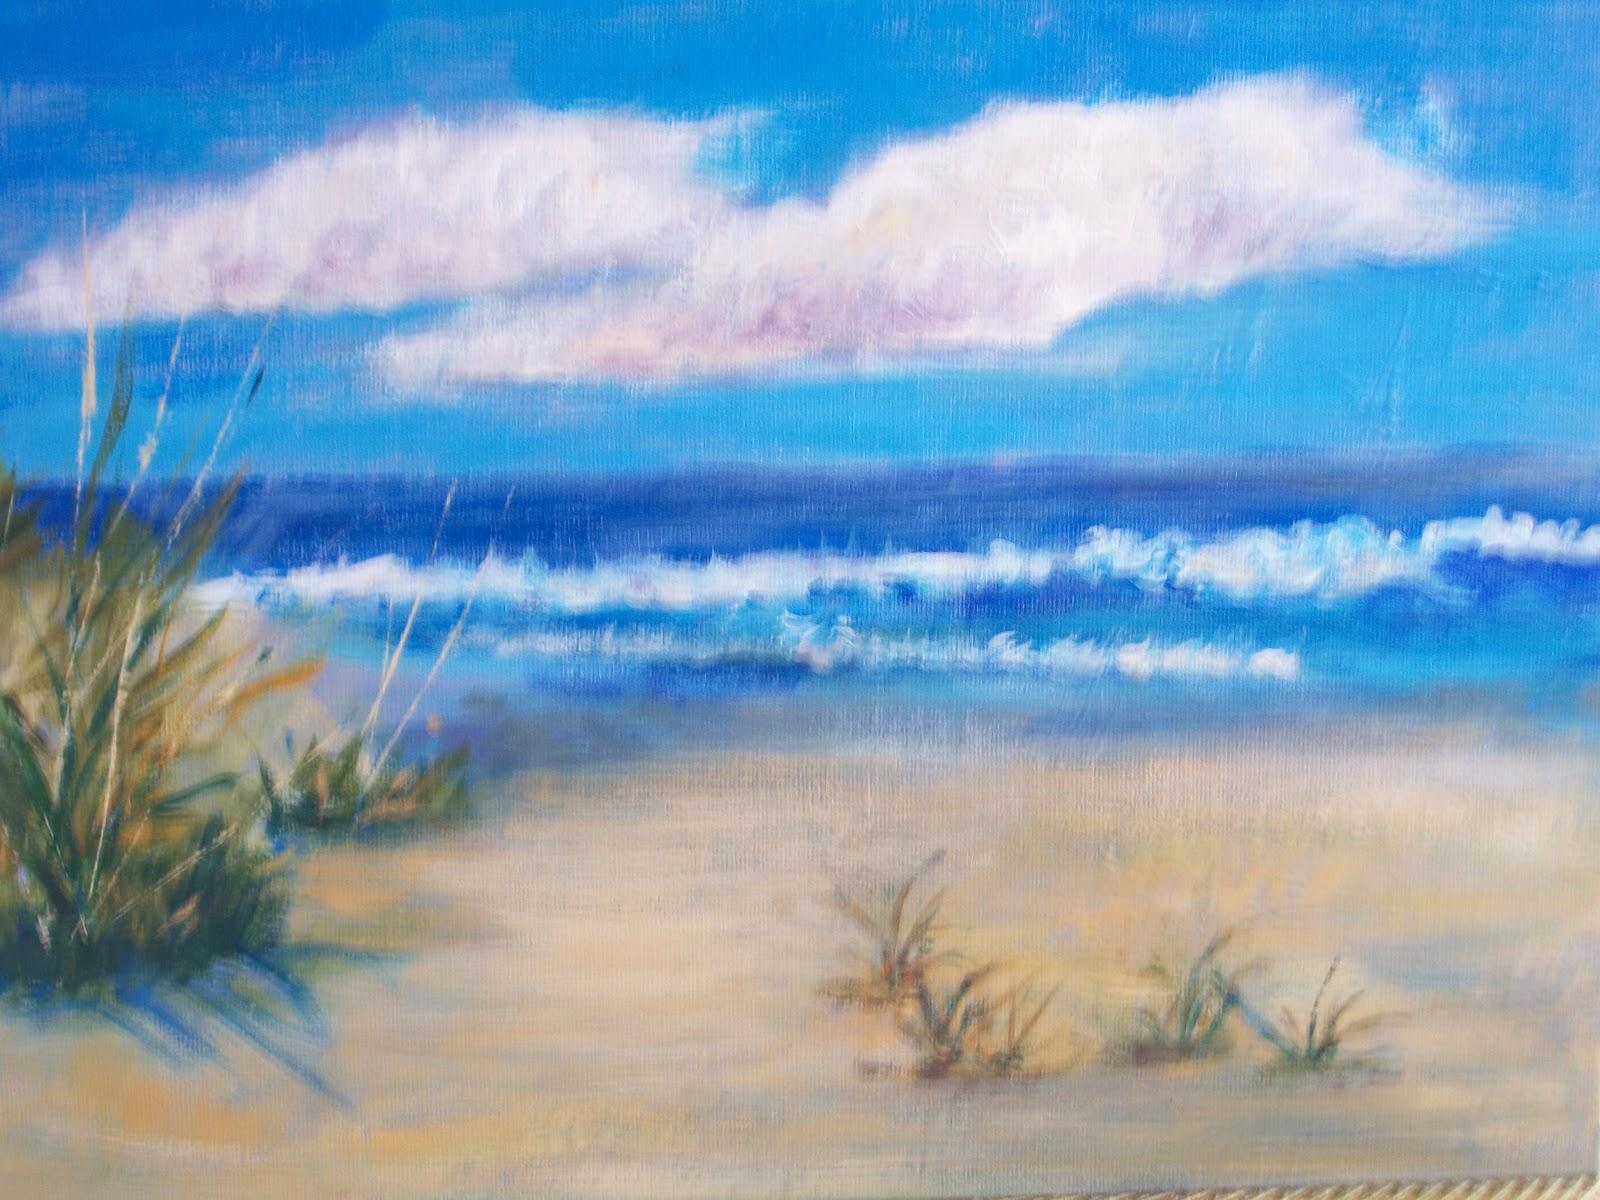 Florida Beach Acrylic 9 X 12 On Canvas Board